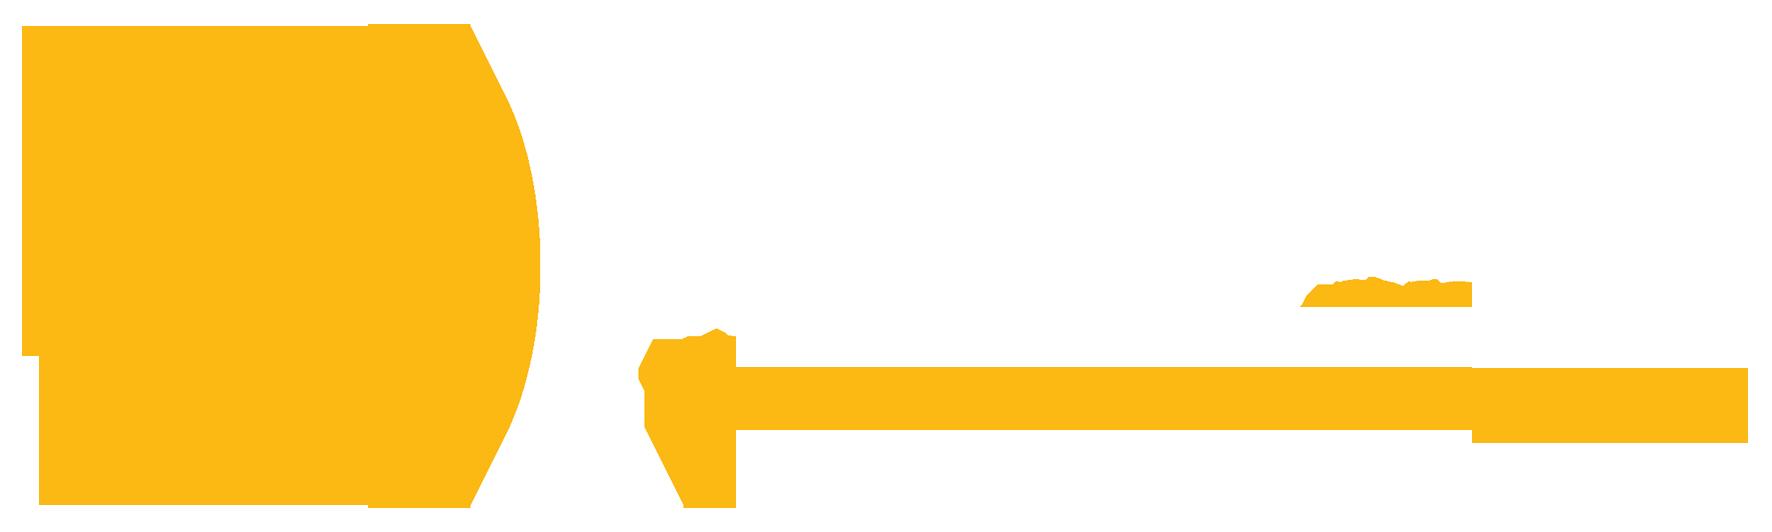 Logo RFB 25 Ago 2020